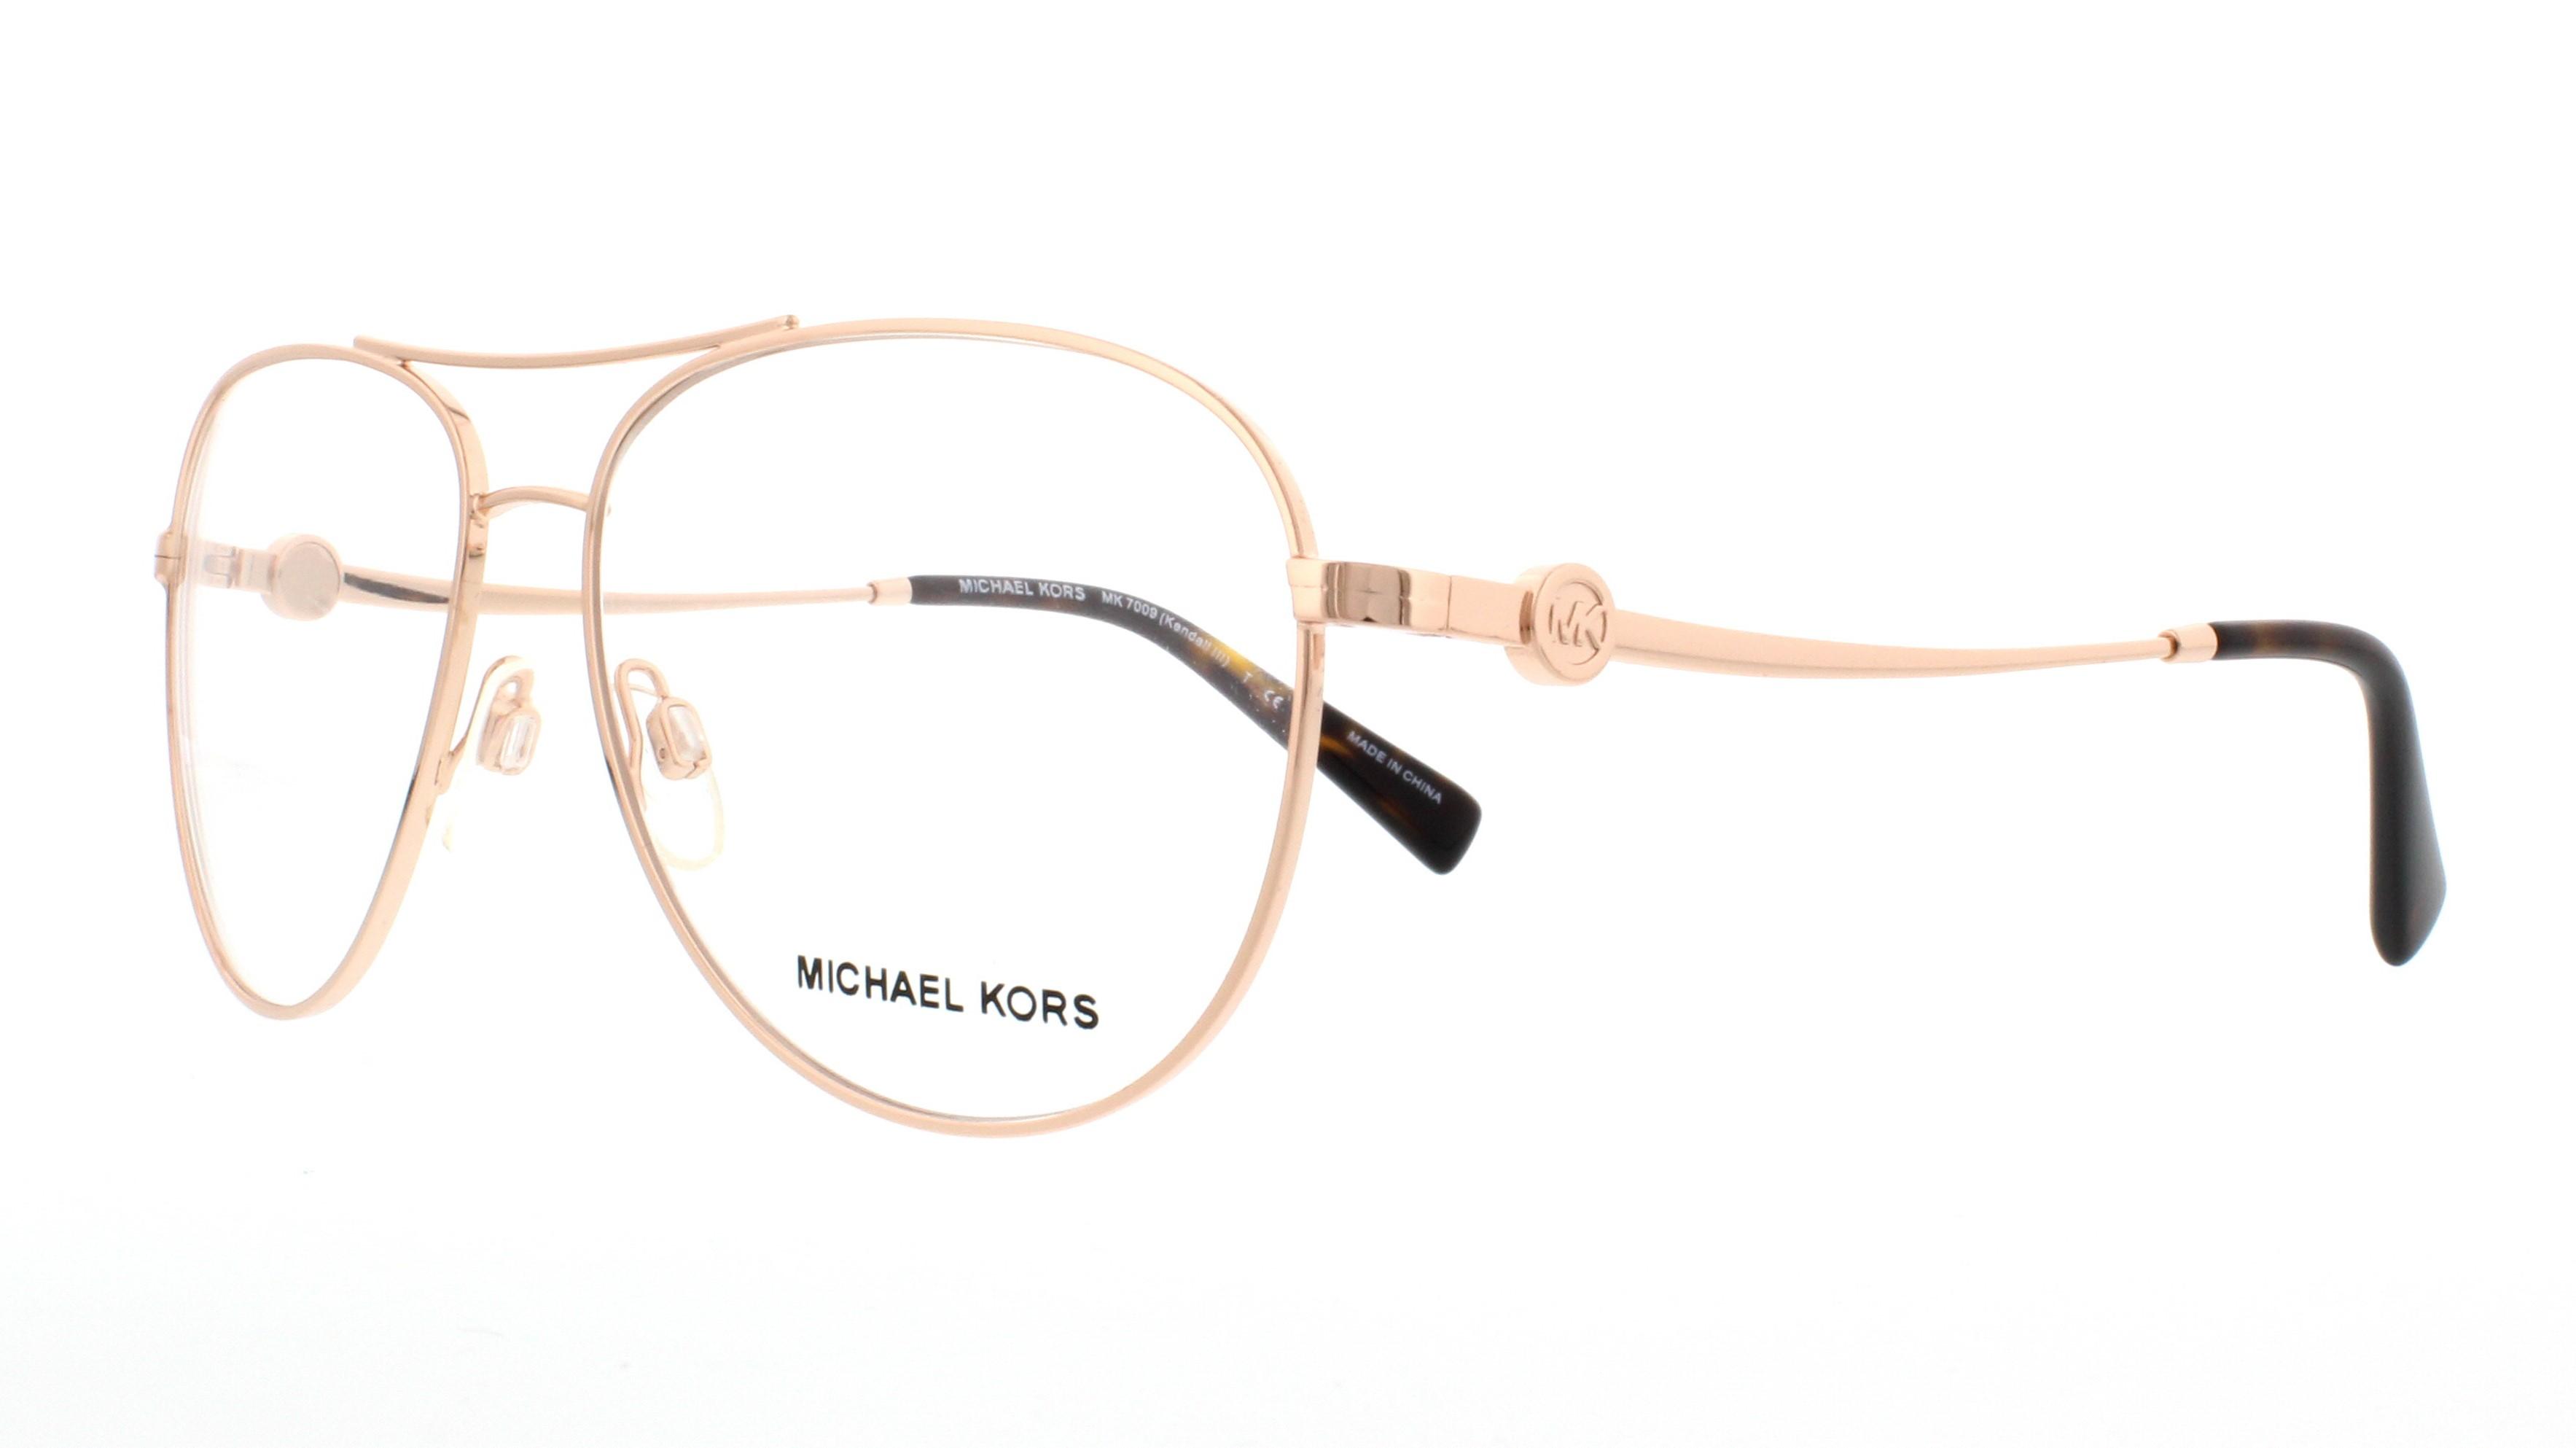 Designer Frames Outlet. Michael Kors MK7009